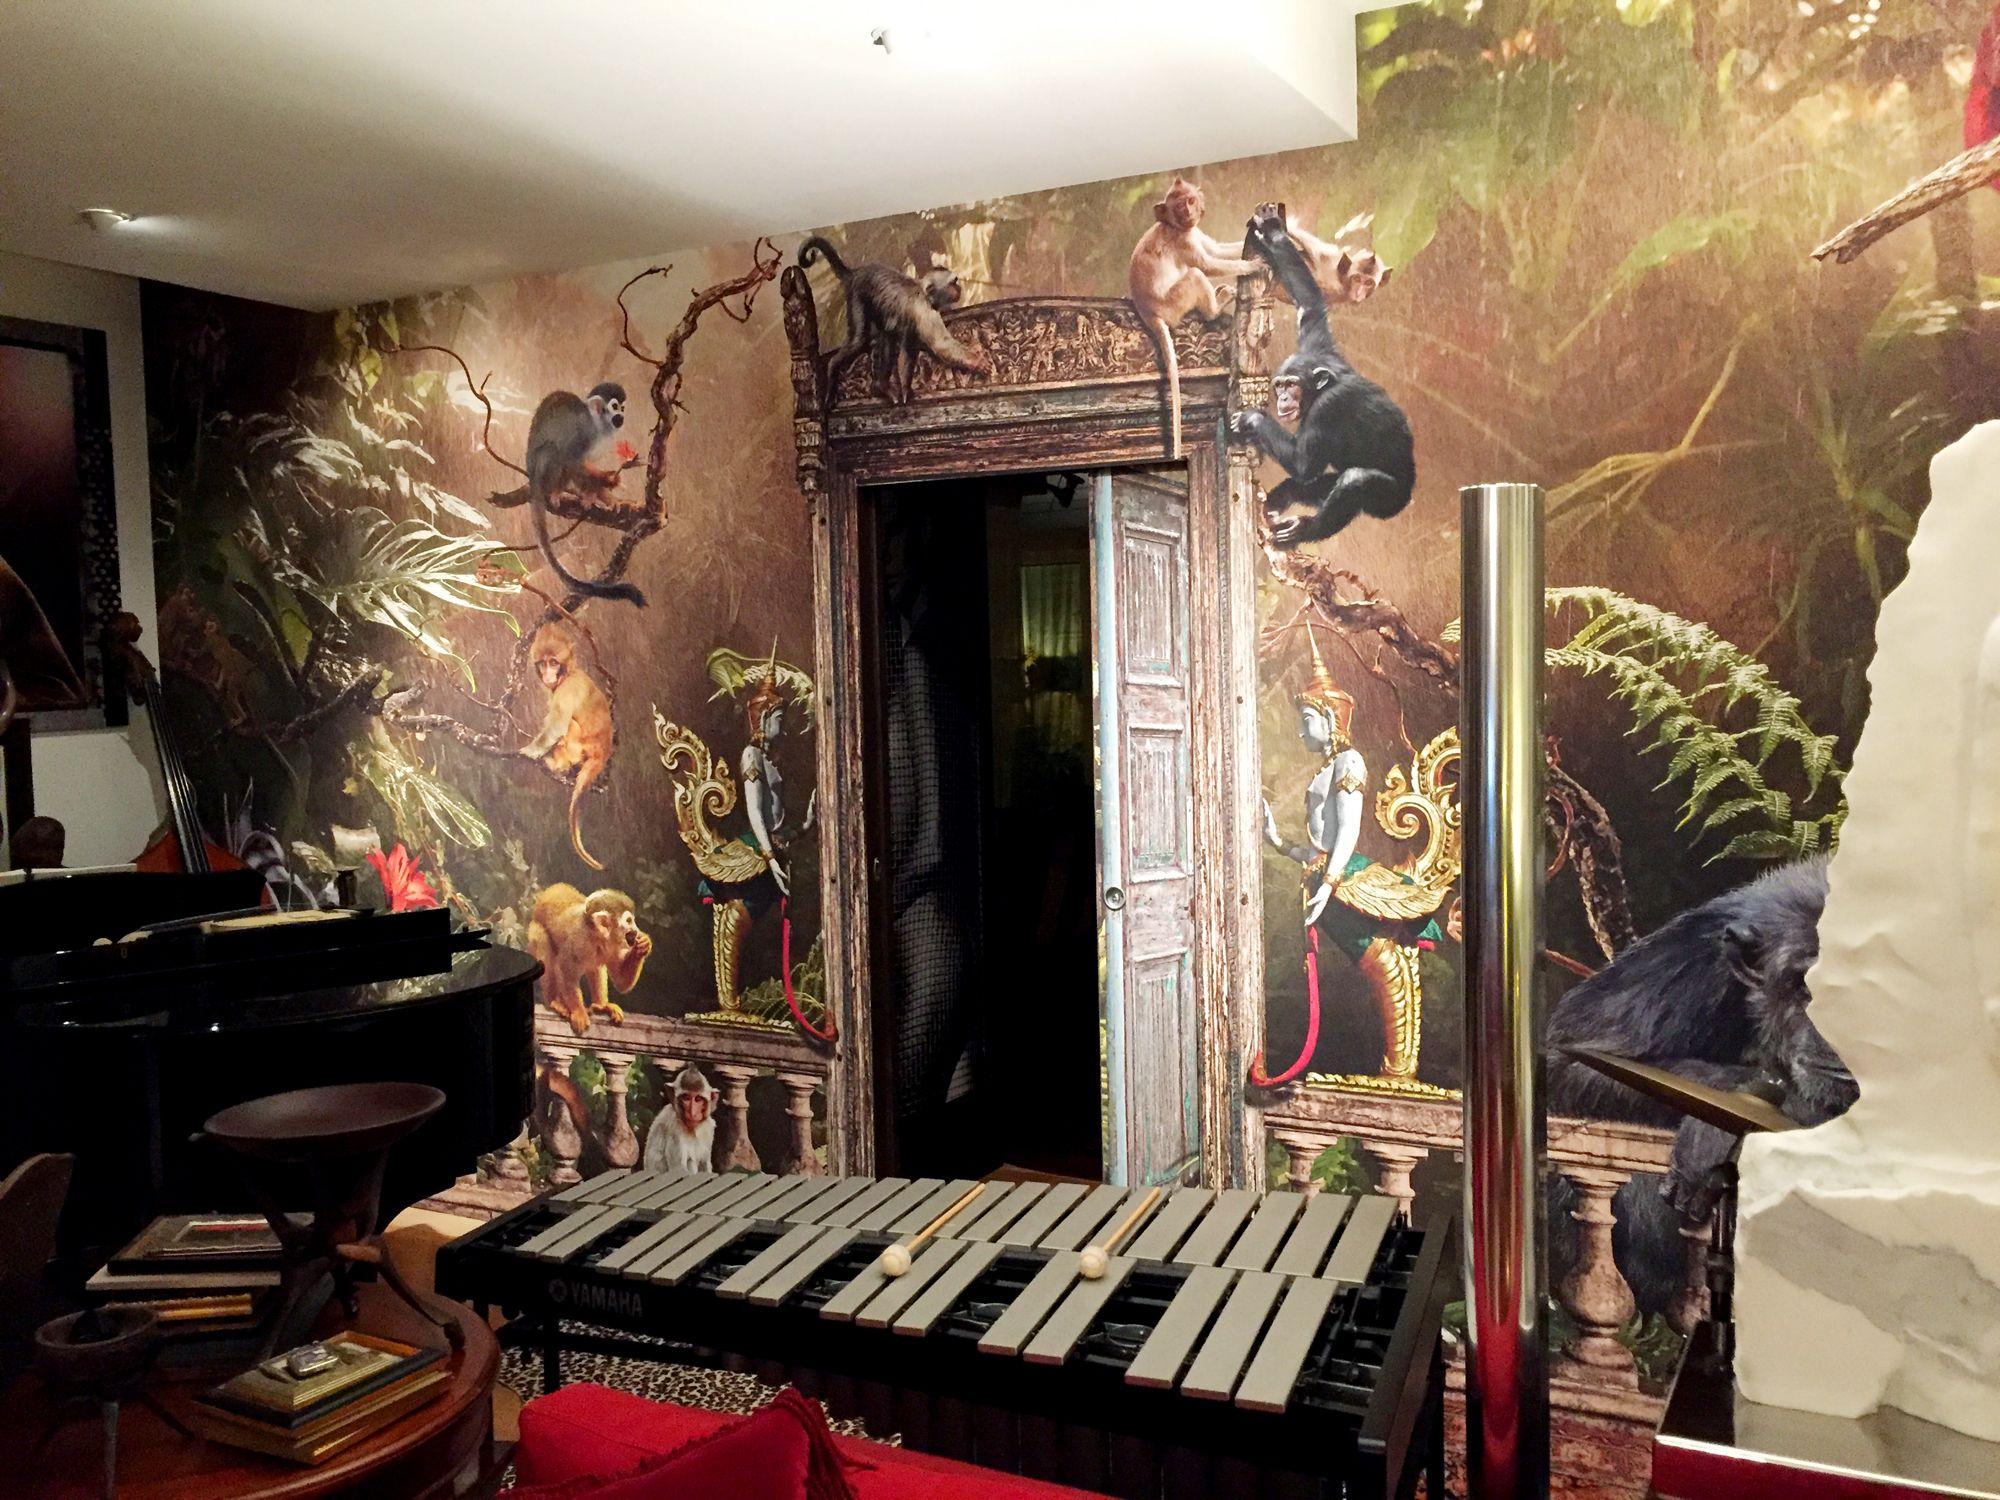 Pin di benedikt schreyer su wallpapers murals & tiles pinterest